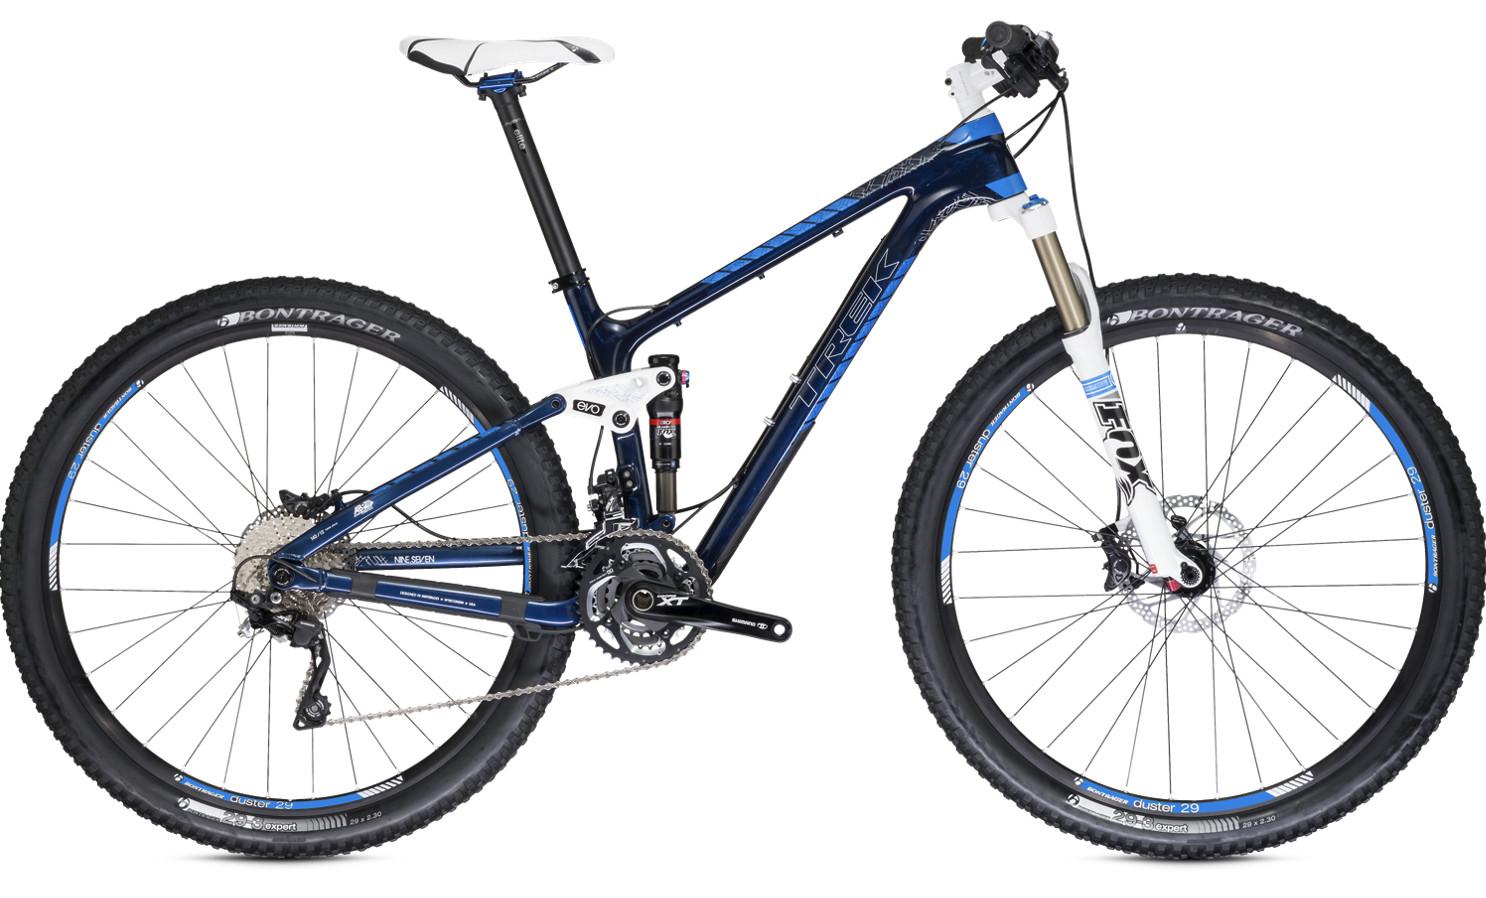 2014 Trek Fuel Ex 9 7 29 Bike Reviews Comparisons